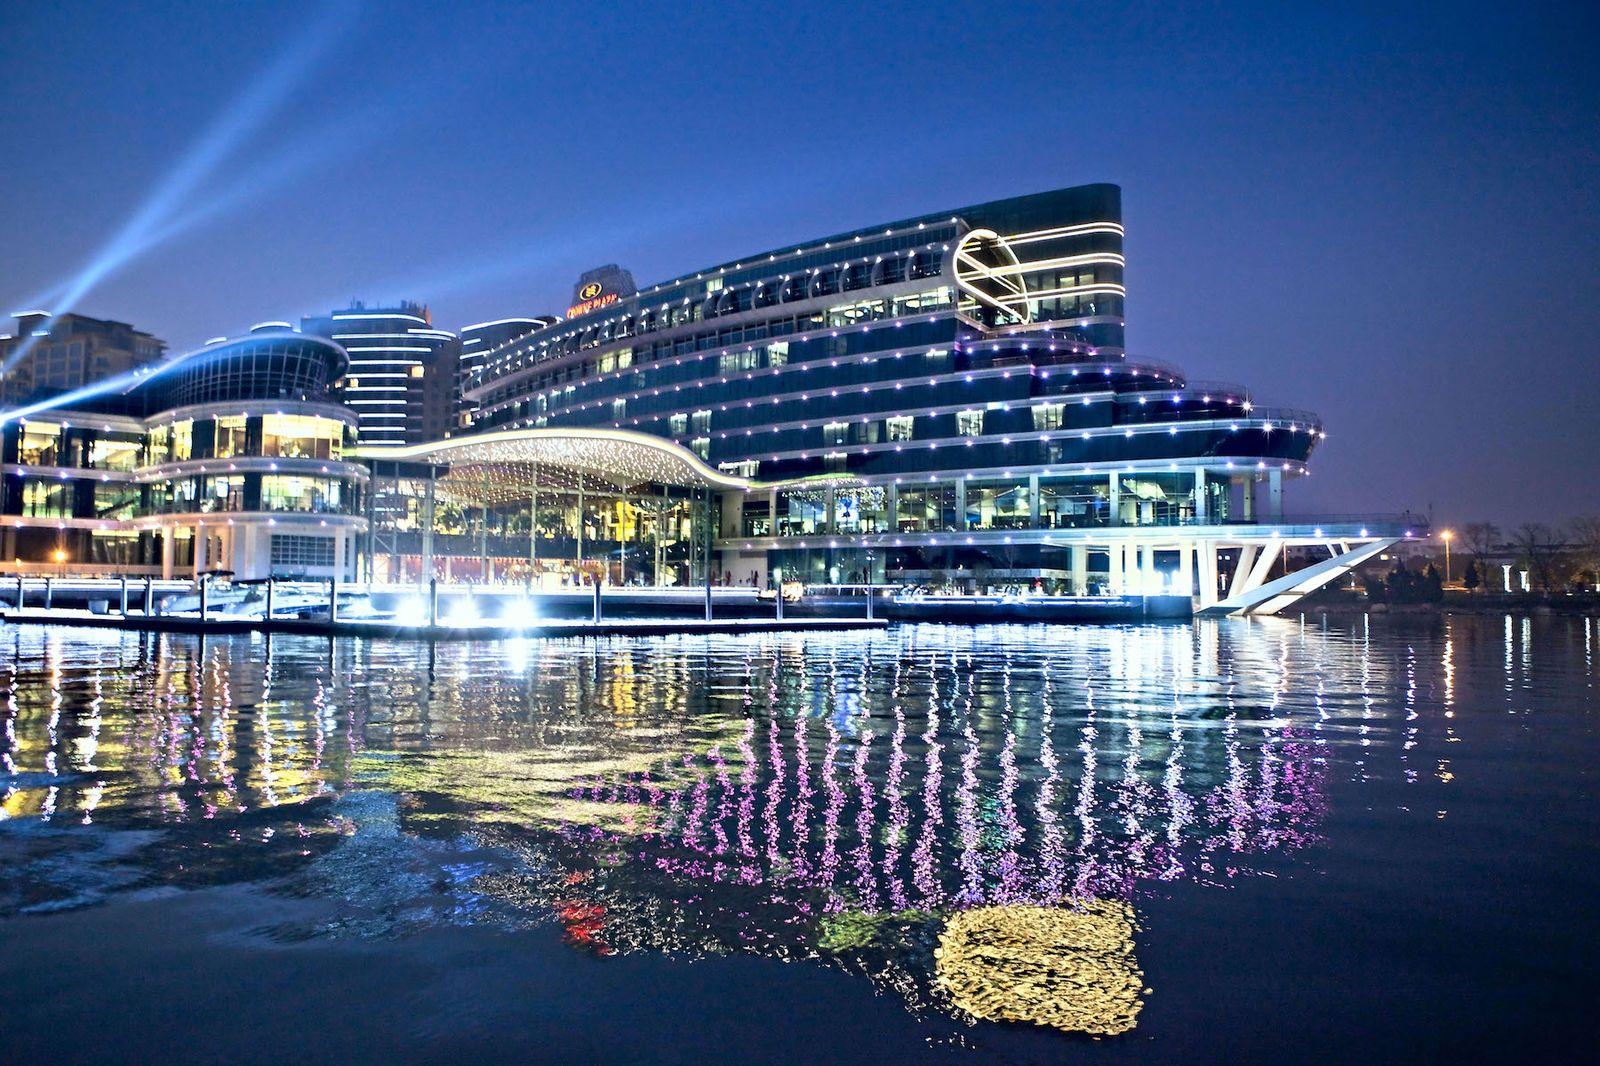 ランボルギーニのホテルまで?ホテルで選ぶなら中国・蘇州で決まりな素敵ホテル9選